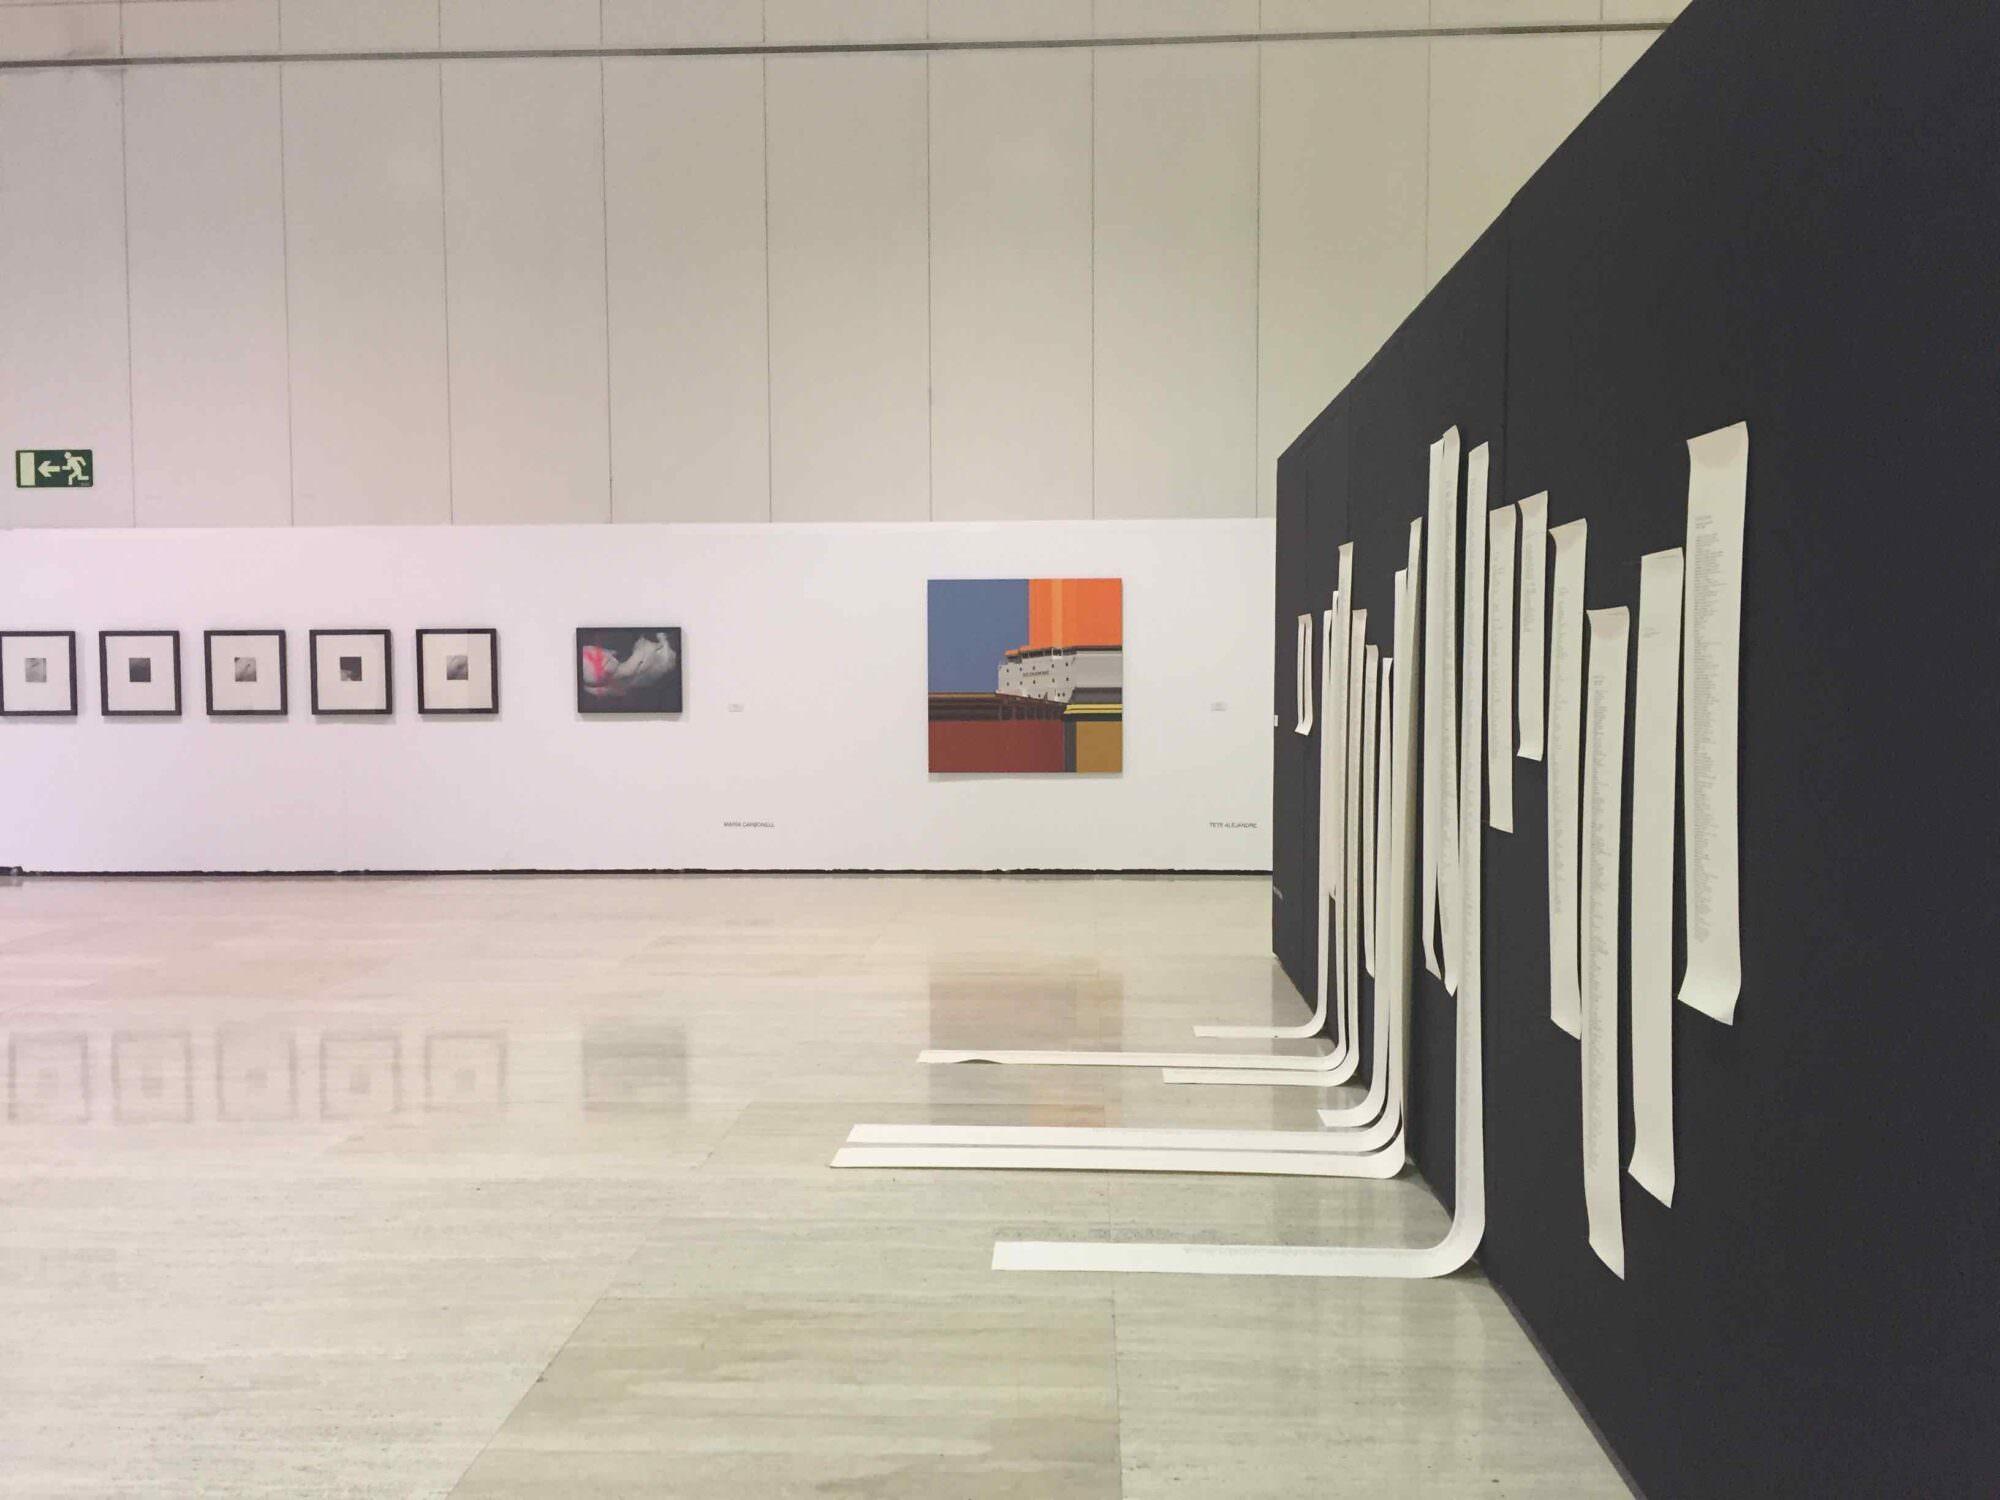 XXI Concurso Encuentros de Arte Contemporáneo (EAC) en el MUA. Foto: María Ramis.